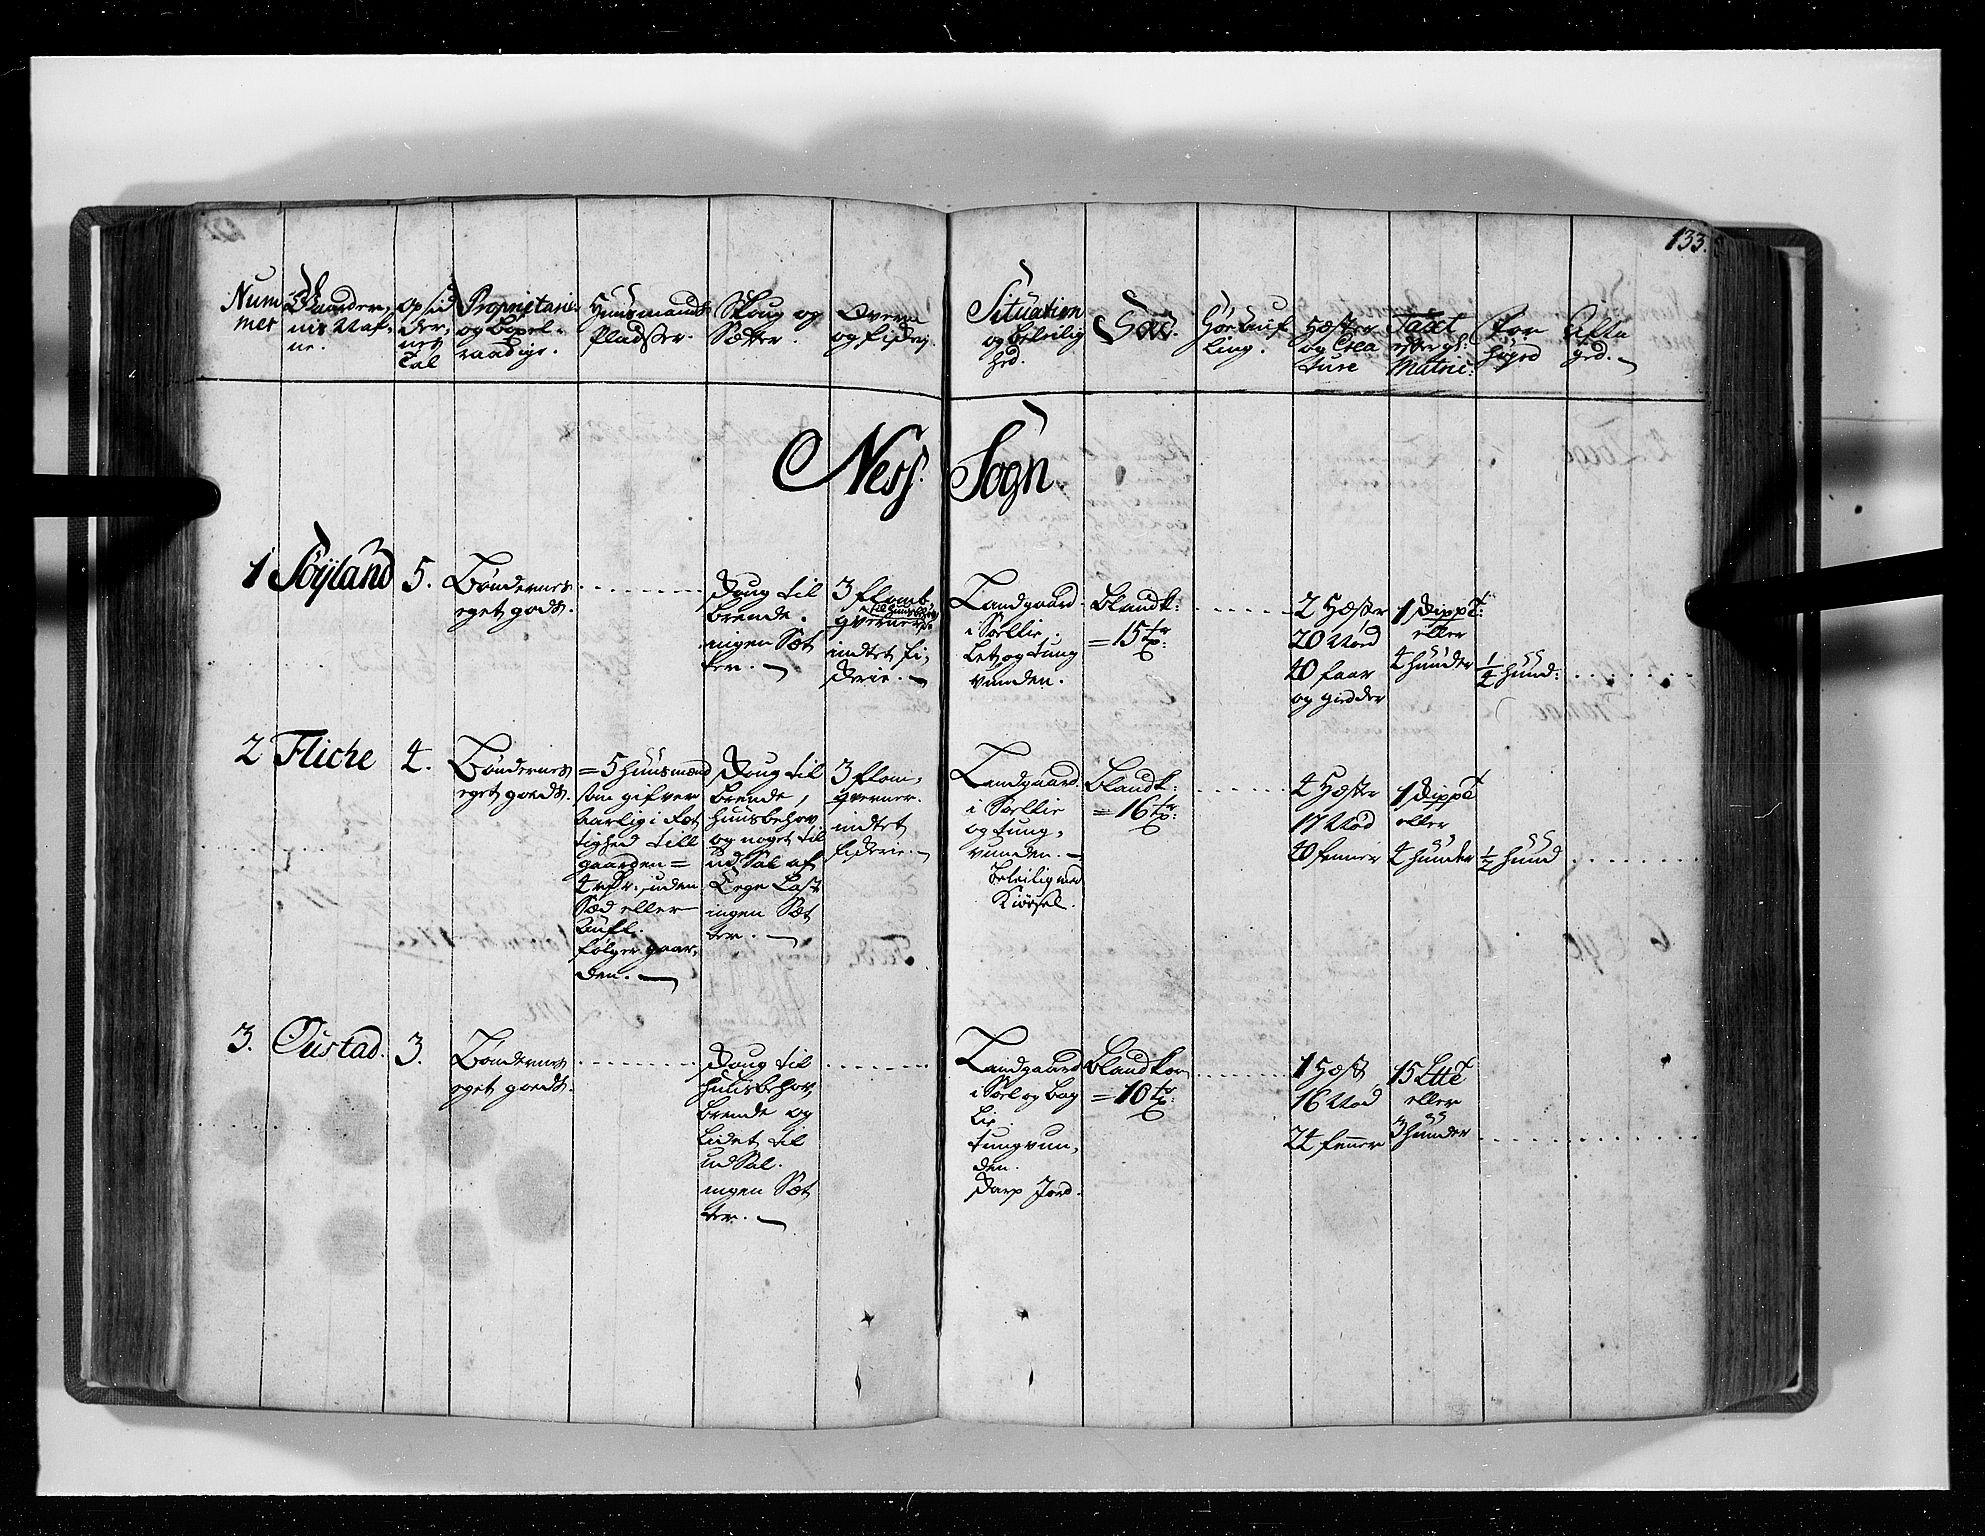 RA, Rentekammeret inntil 1814, Realistisk ordnet avdeling, N/Nb/Nbf/L0129: Lista eksaminasjonsprotokoll, 1723, s. 132b-133a